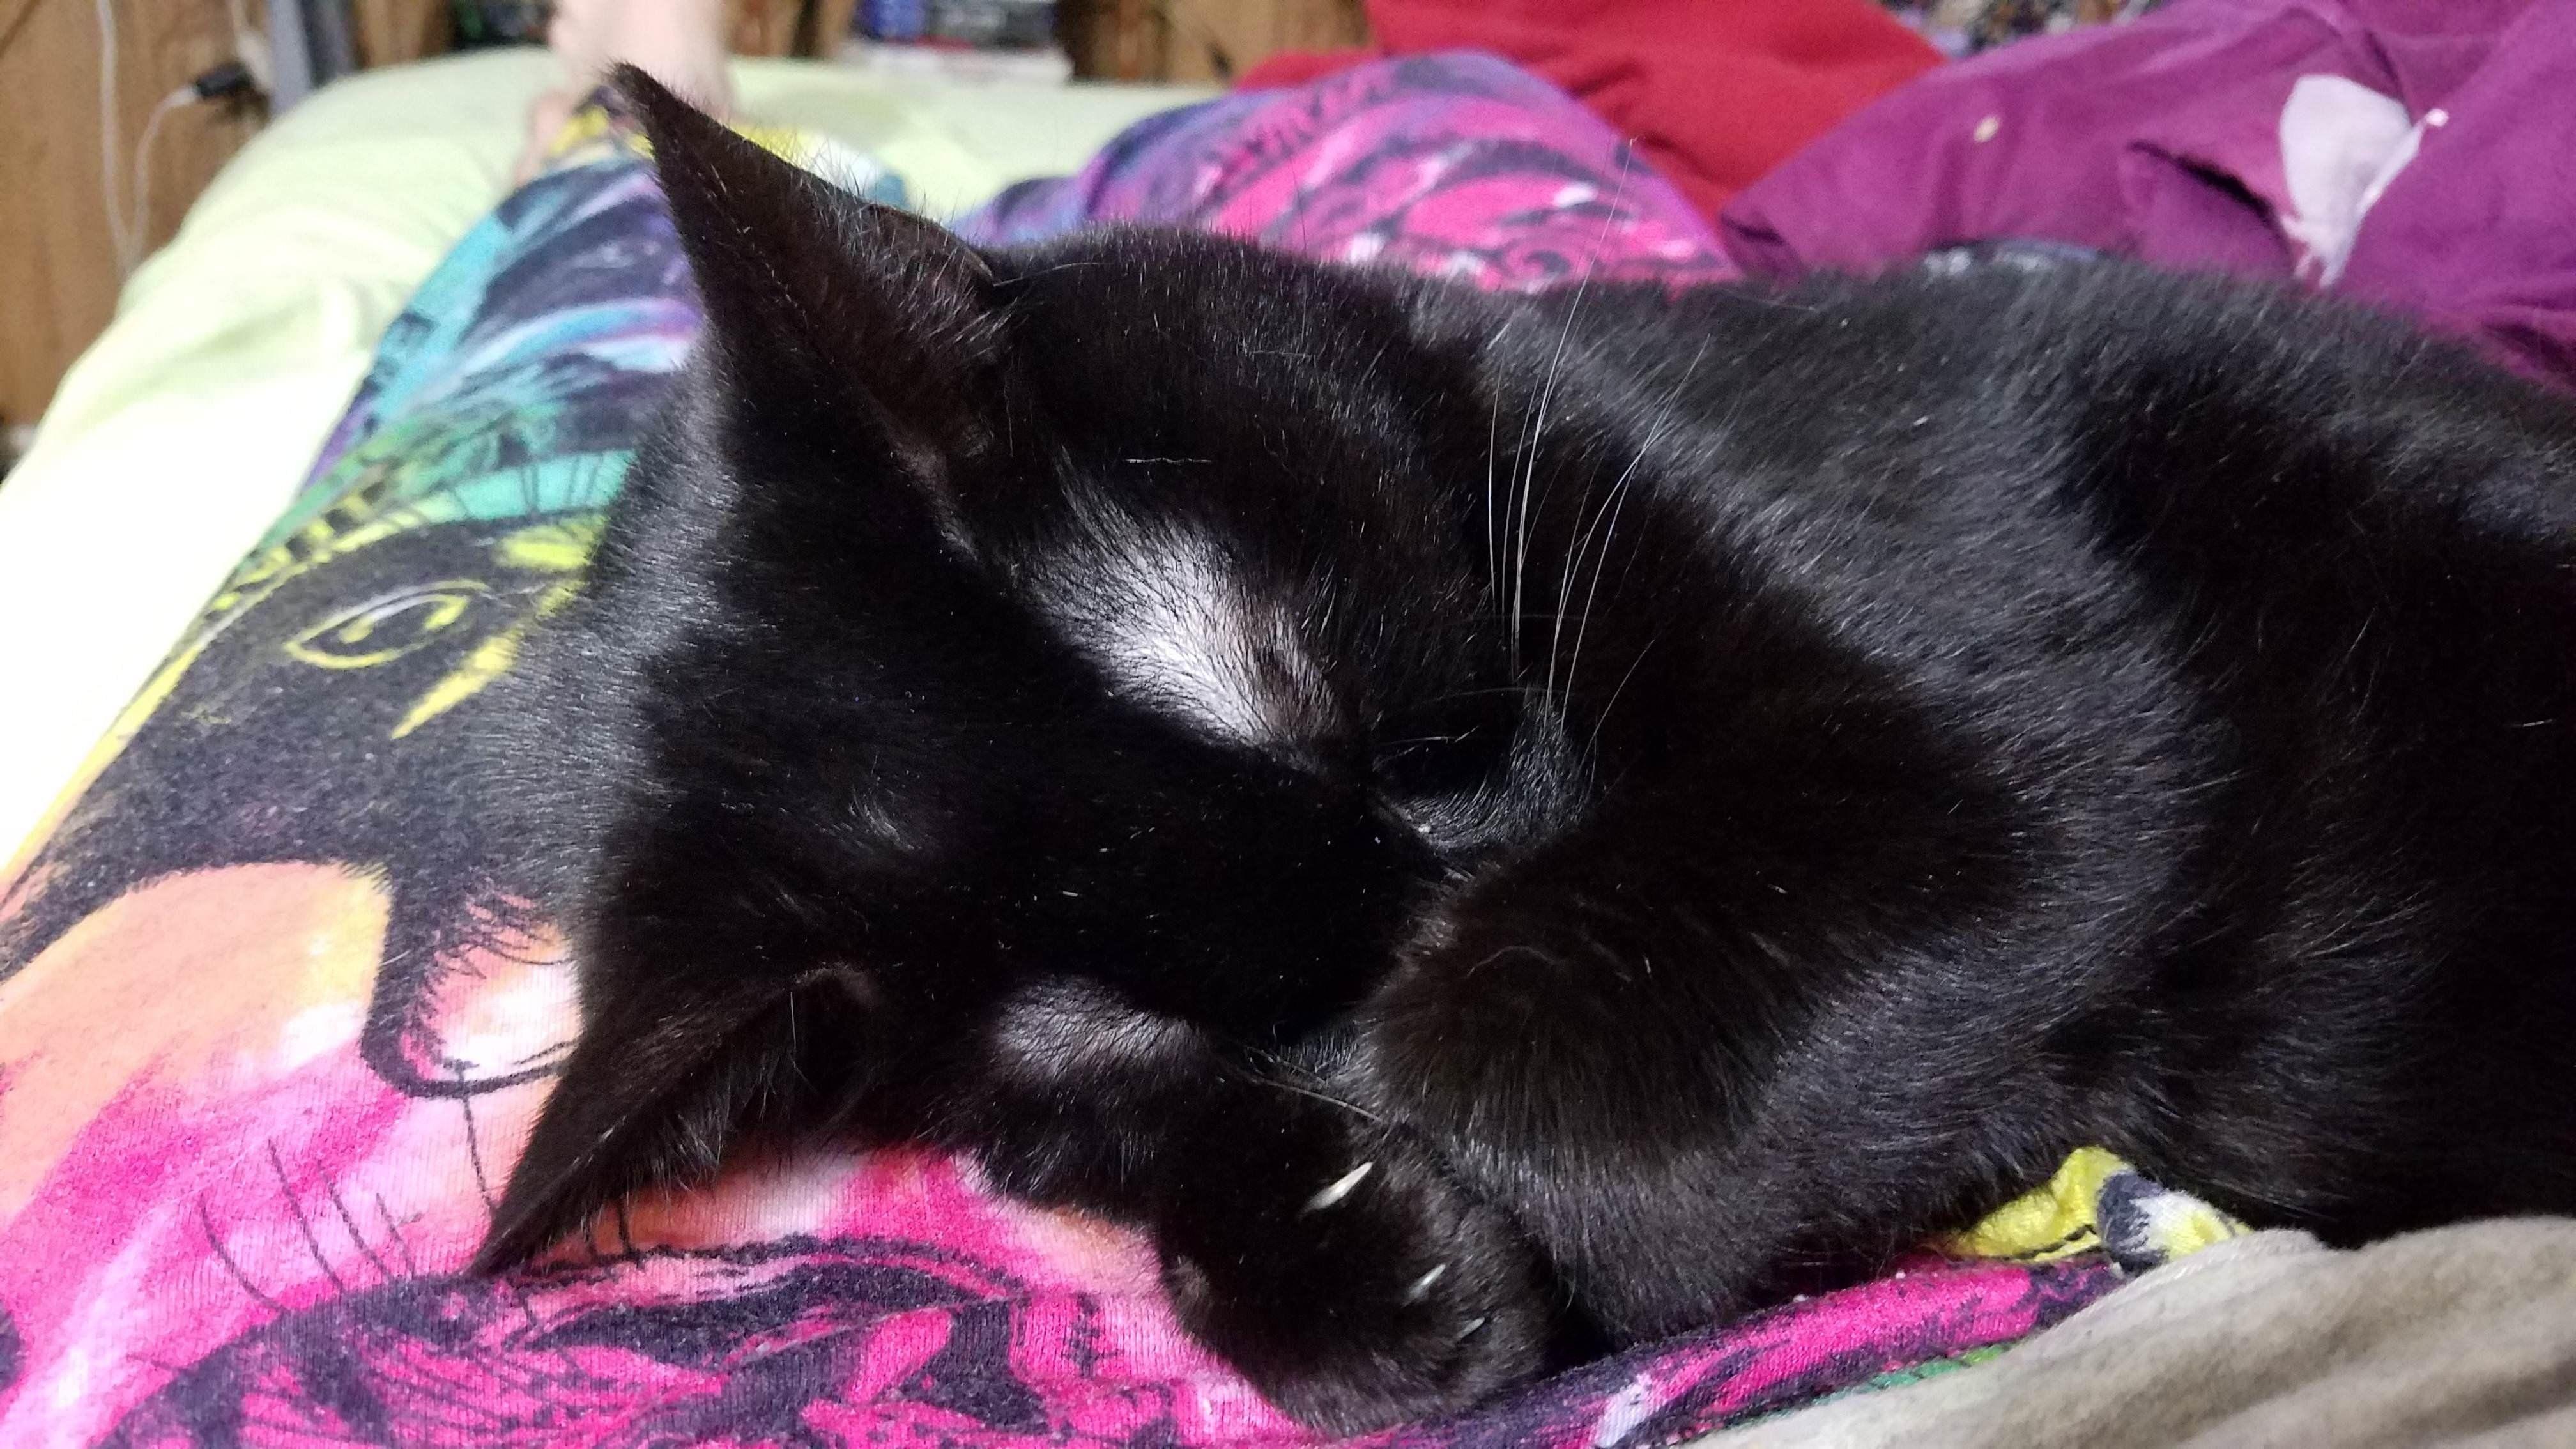 My Cat Sleeping On My Cat Pajamas